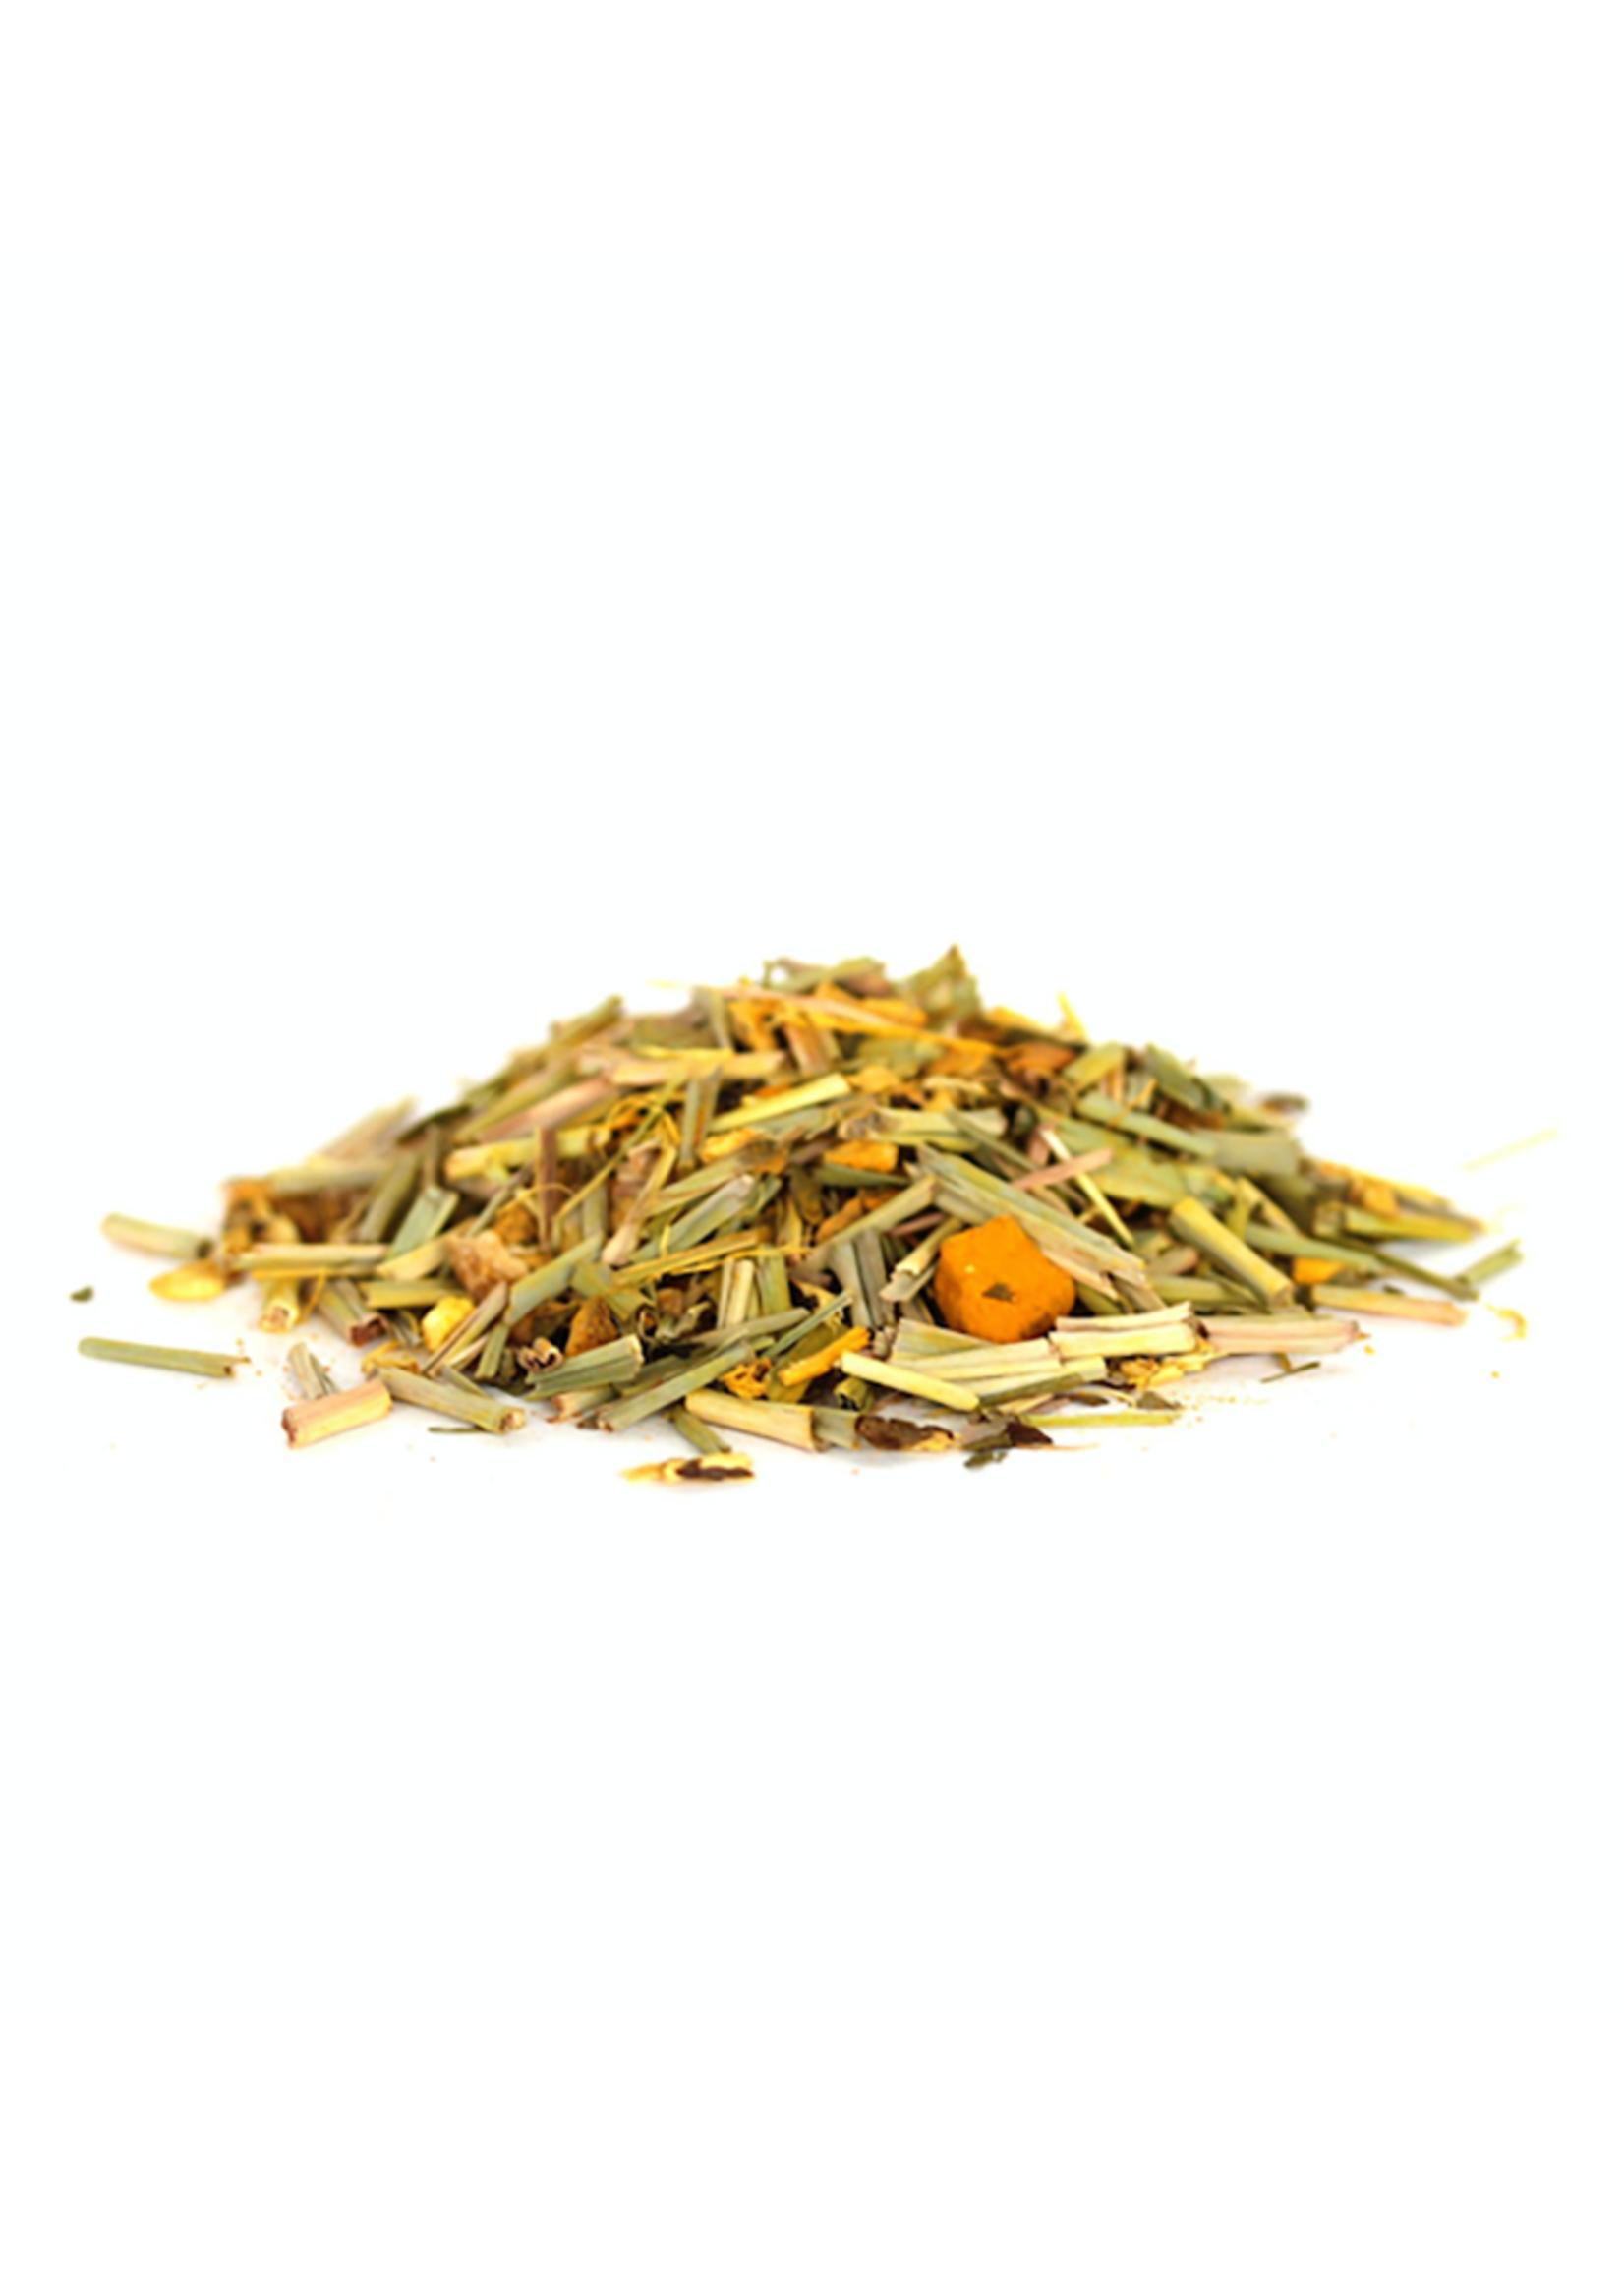 JusTea Loose Leaf Tea - Turmeric Ginger